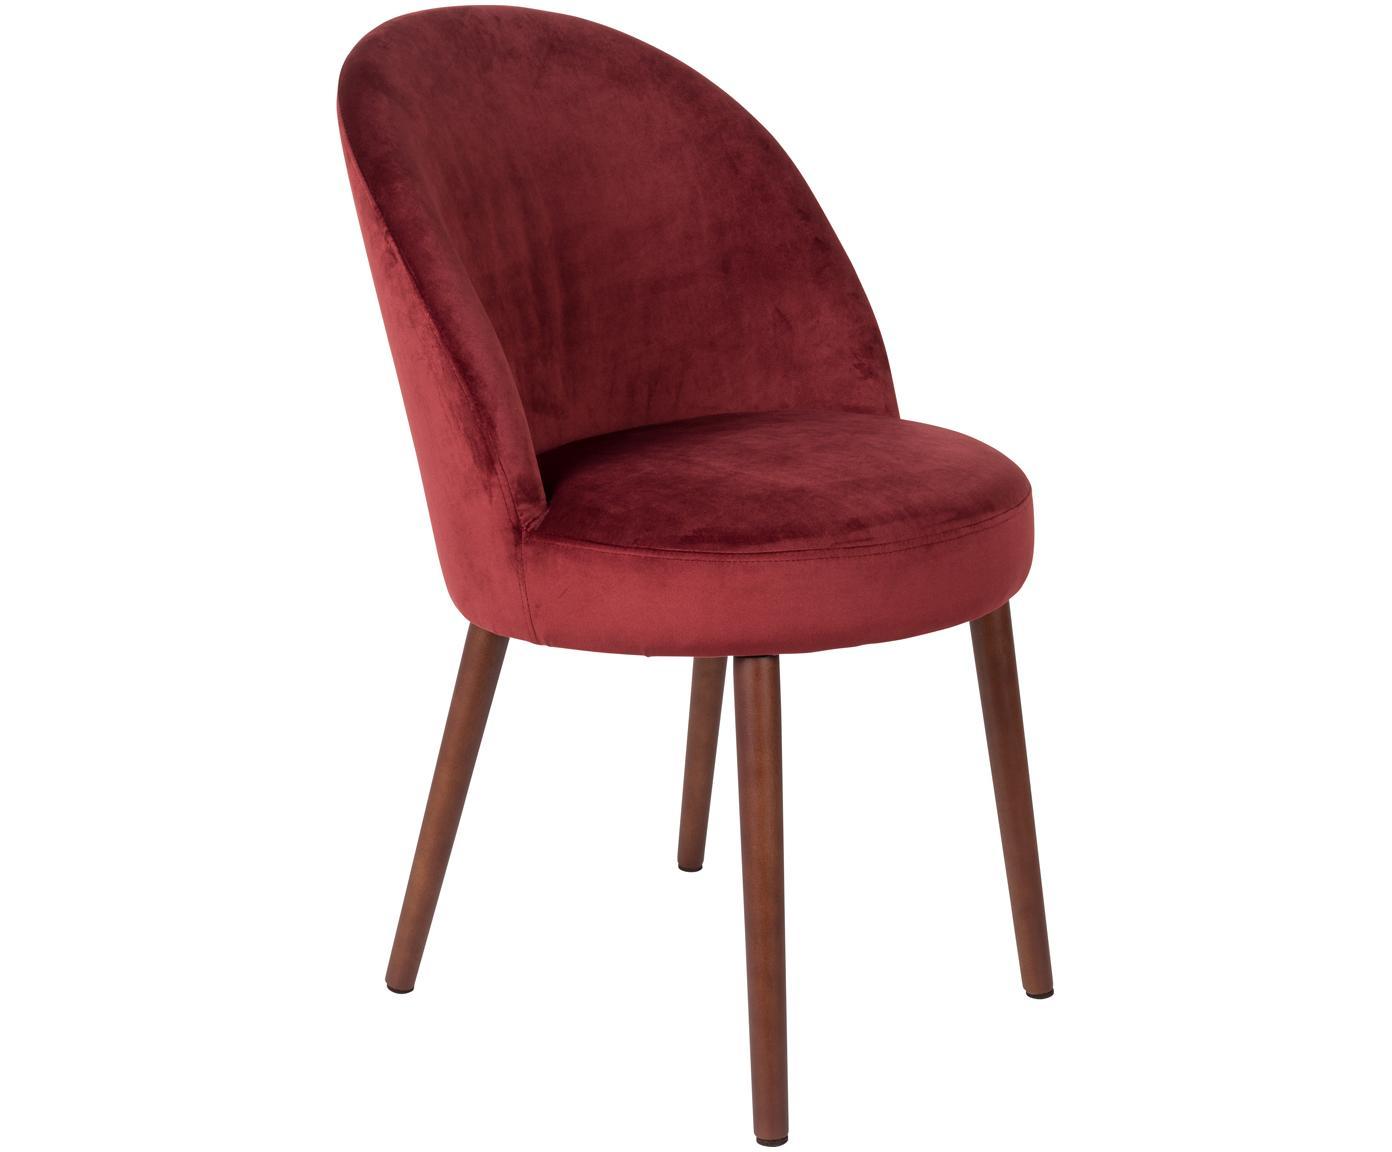 Fluwelen stoel Barbara, Bekleding: 100% polyester fluweel, Poten: gelakt beukenhout, Bekleding: rood. Poten: walnootbruin, 51 x 86 cm